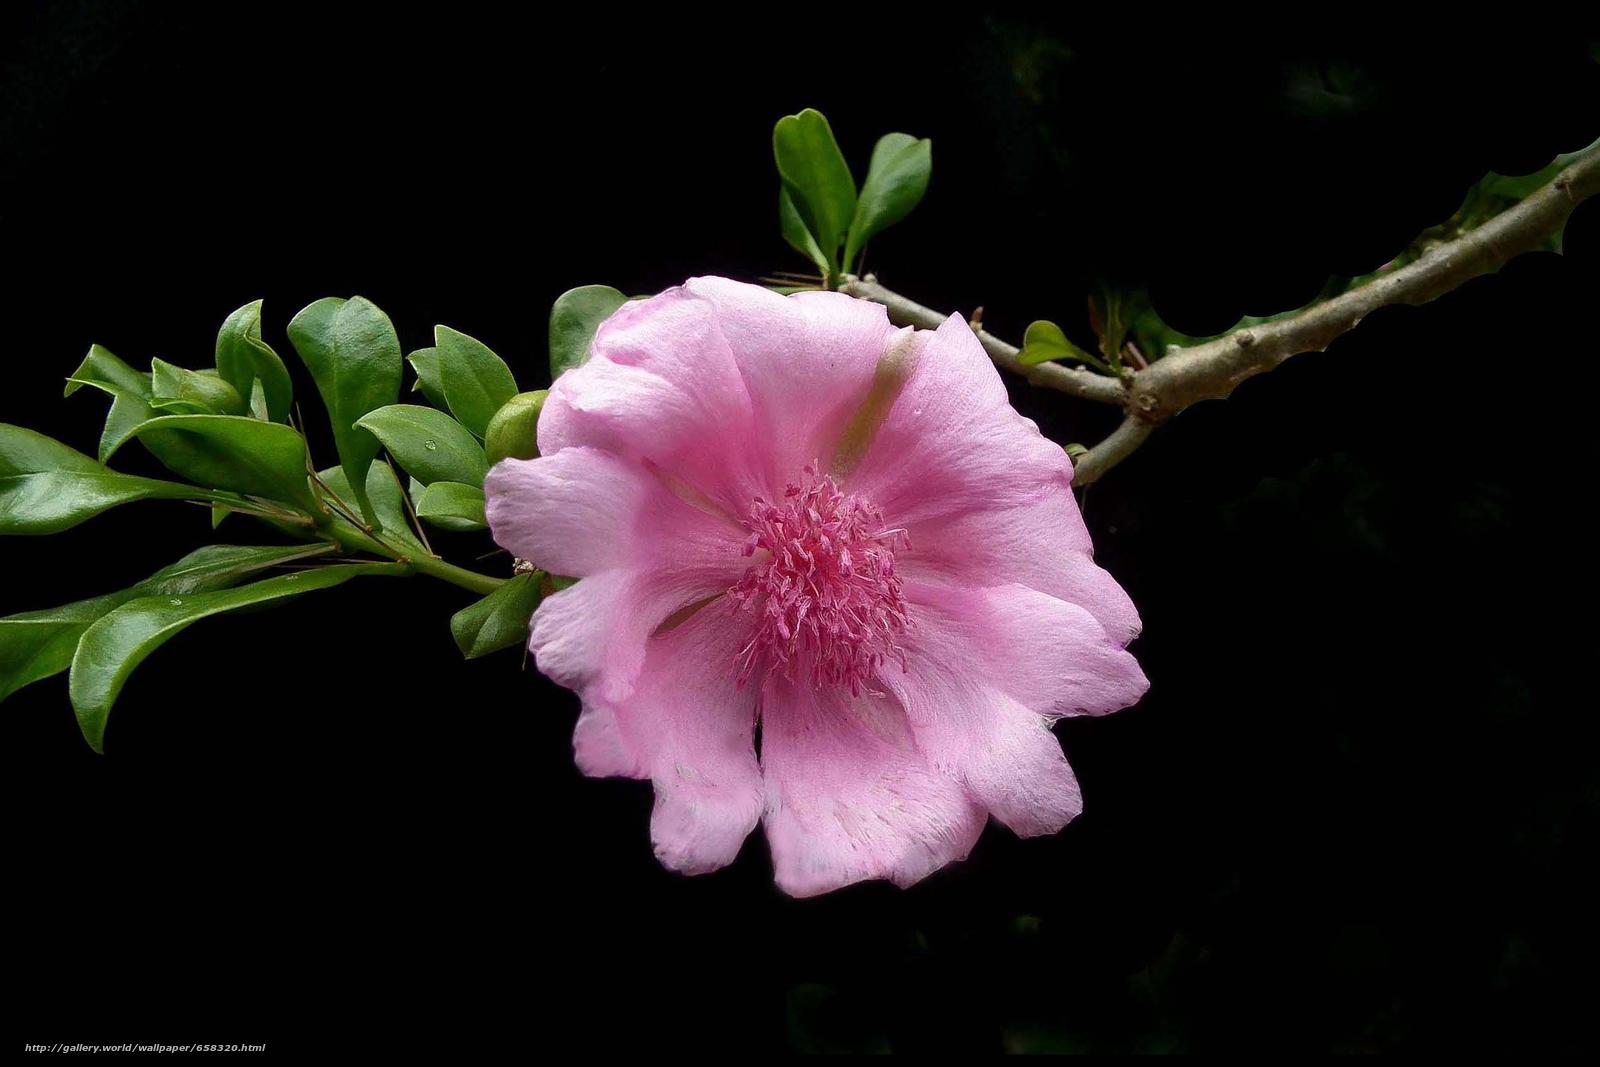 Скачать обои цветок,  цветы,  флора бесплатно для рабочего стола в разрешении 2550x1700 — картинка №658320